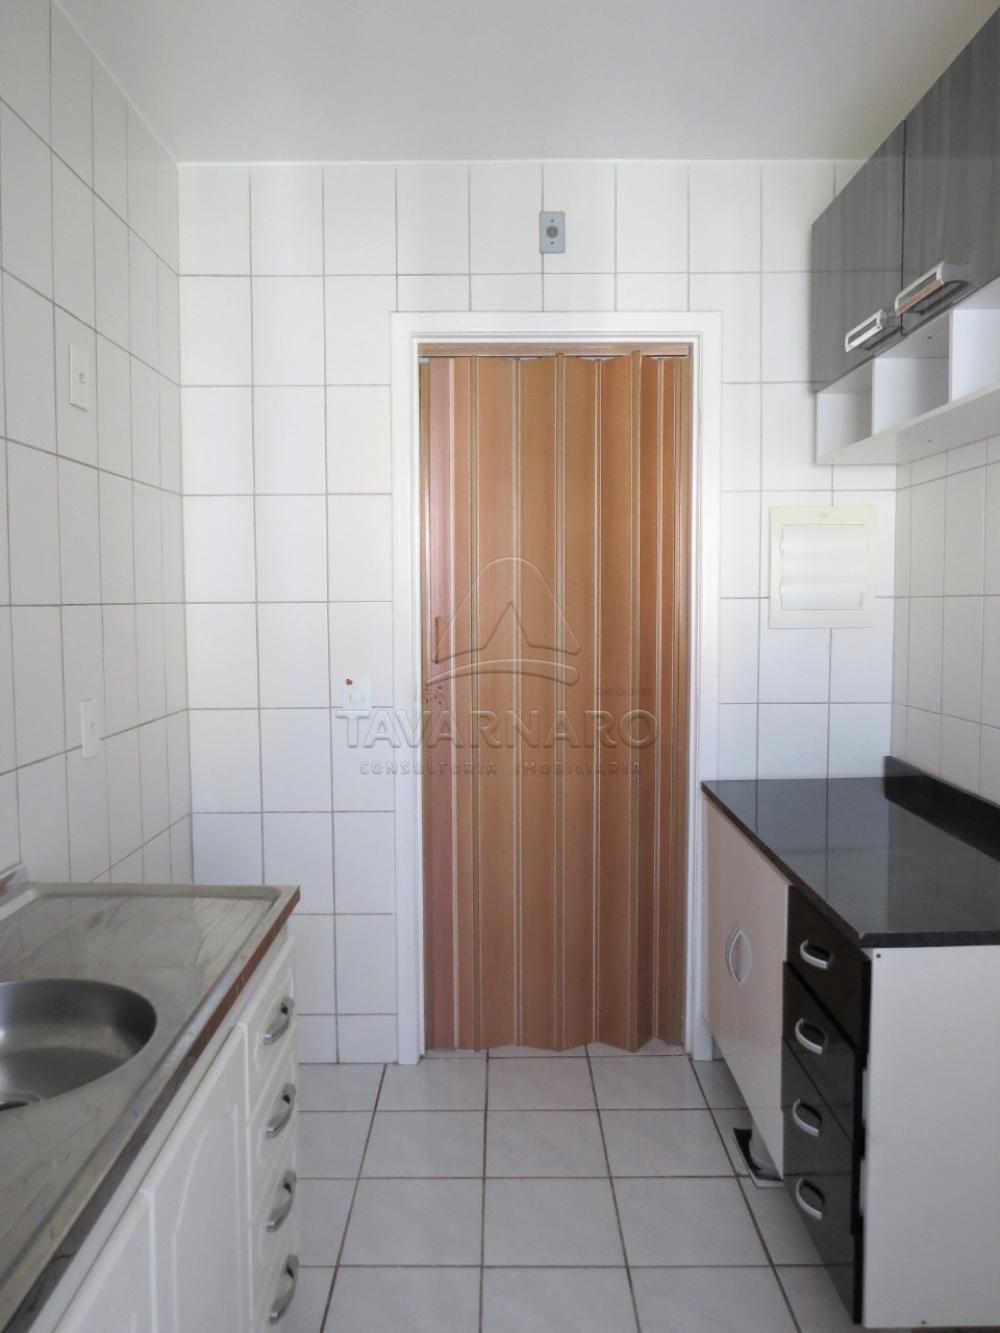 Alugar Apartamento / Padrão em Ponta Grossa R$ 600,00 - Foto 18